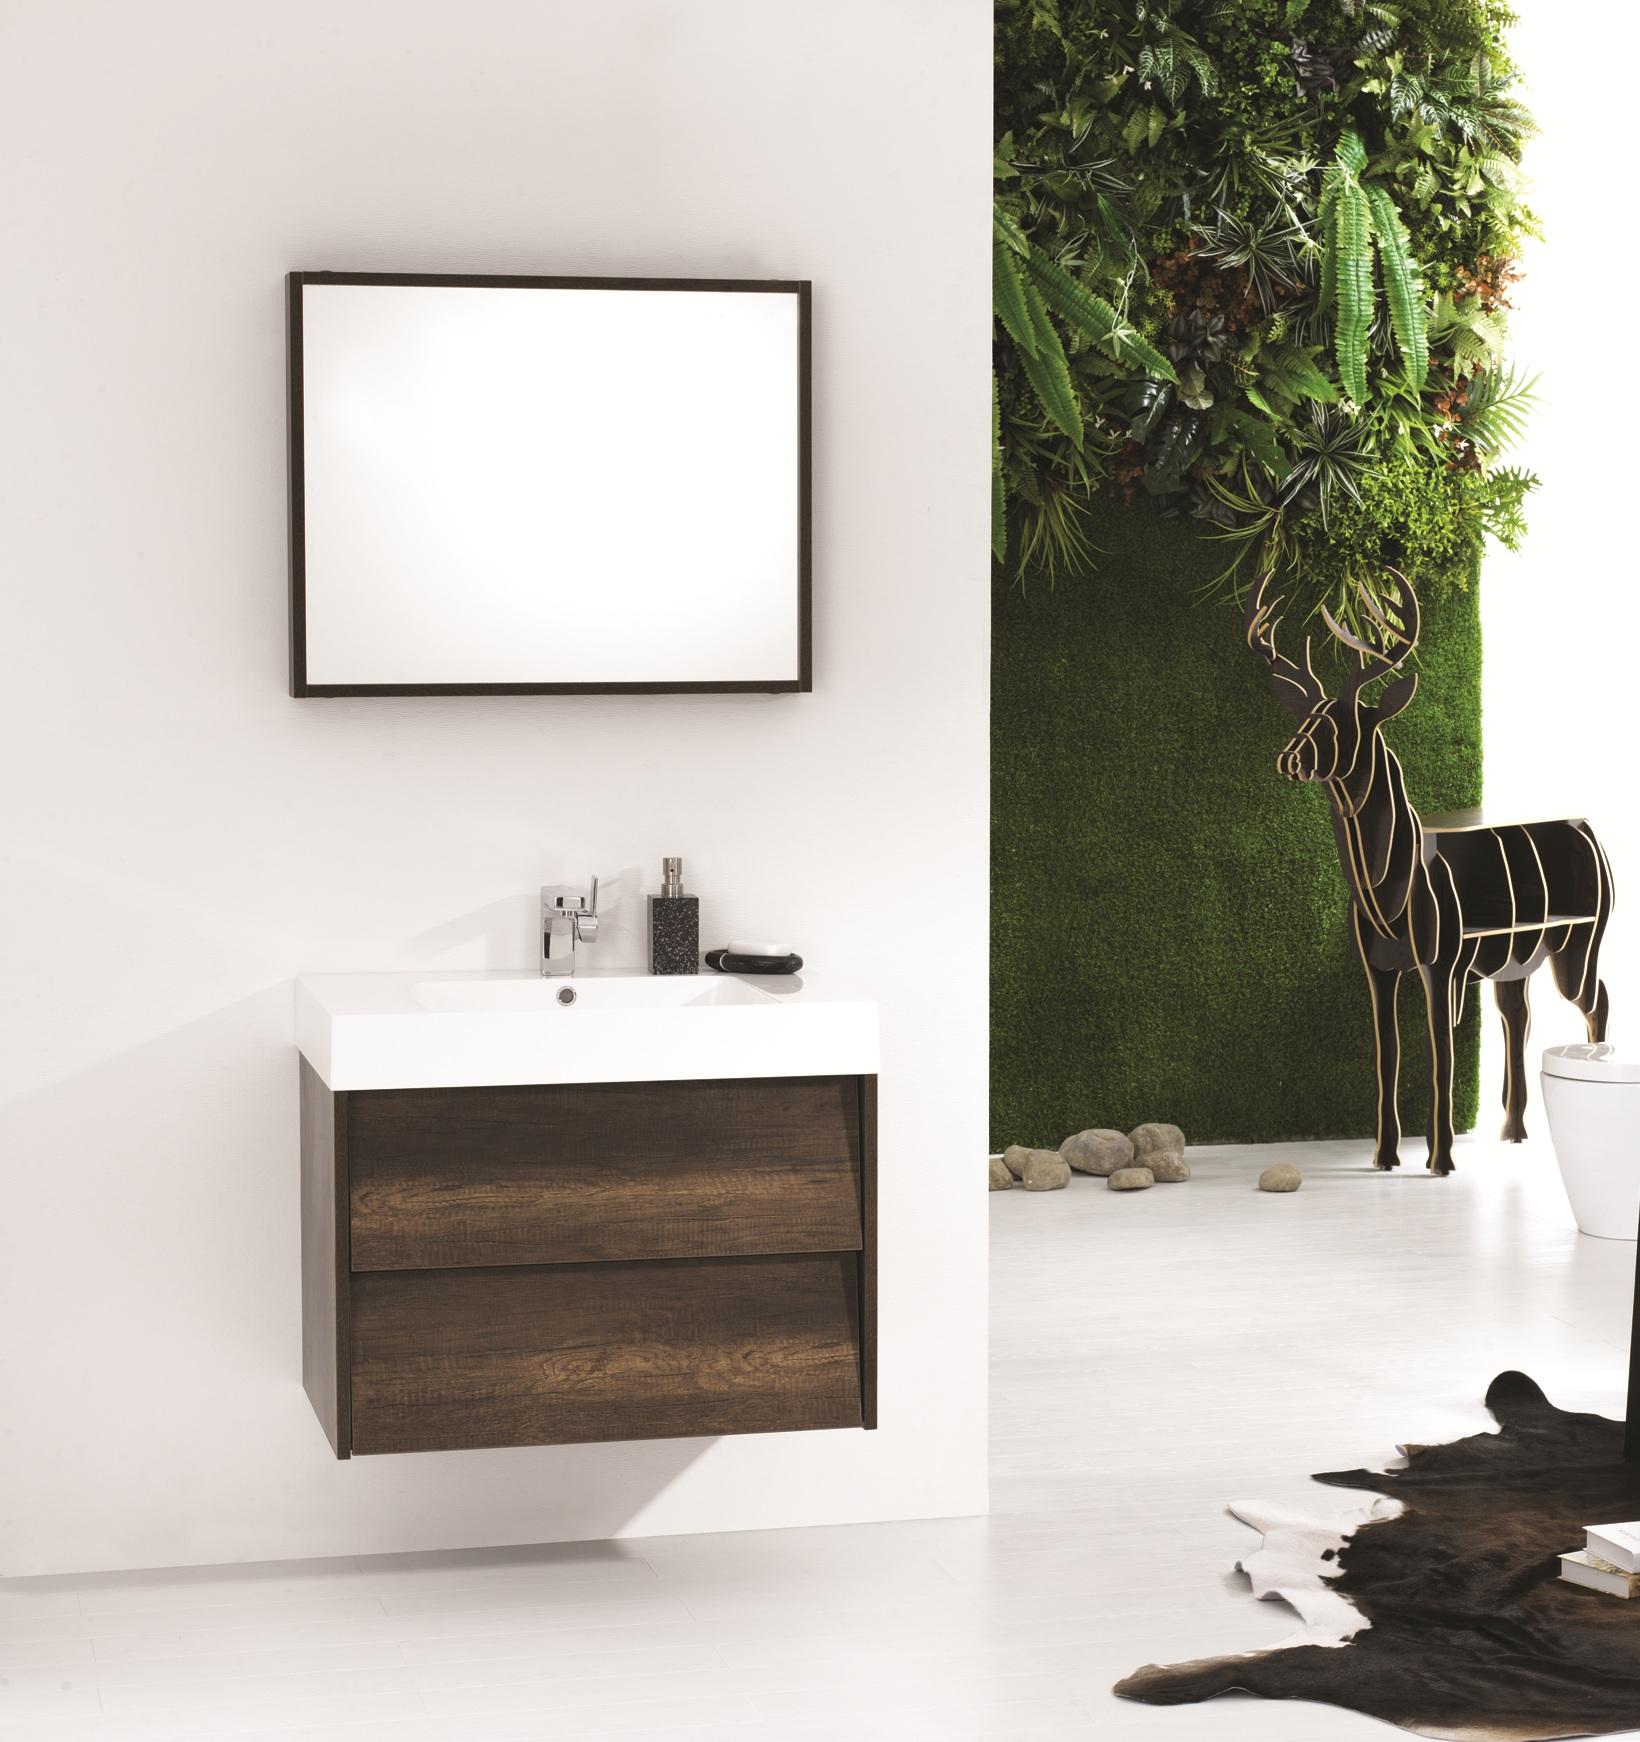 Muebles Para Baño Uy:Inicio / Muebles de baño / Mueble de Baño Attractive RGM-750A